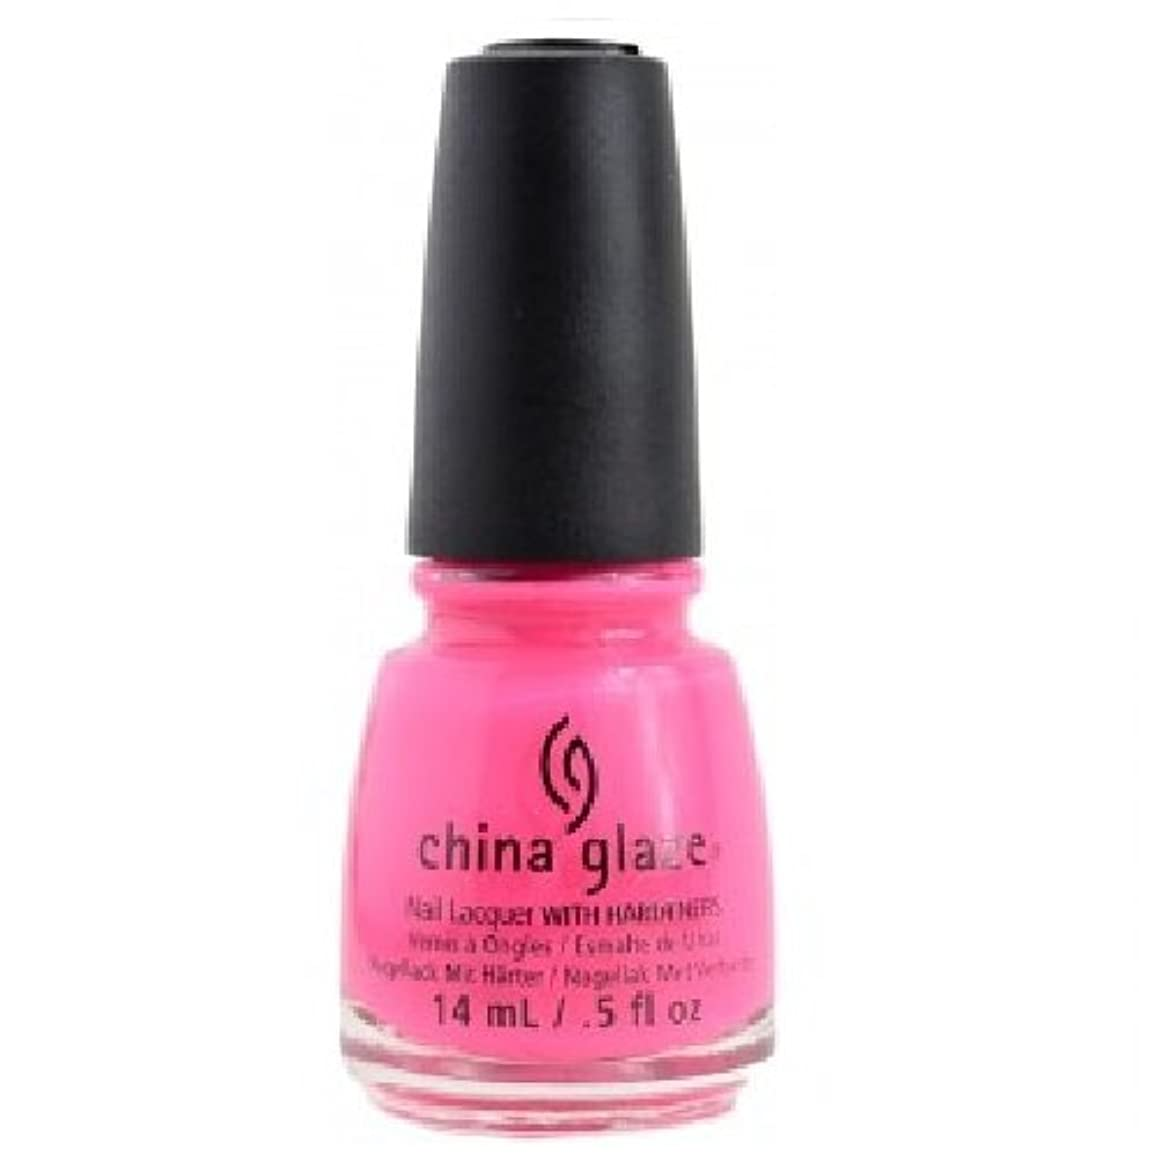 CHINA GLAZE Nail Lacquer - Art City Flourish - Peonies & Park Ave